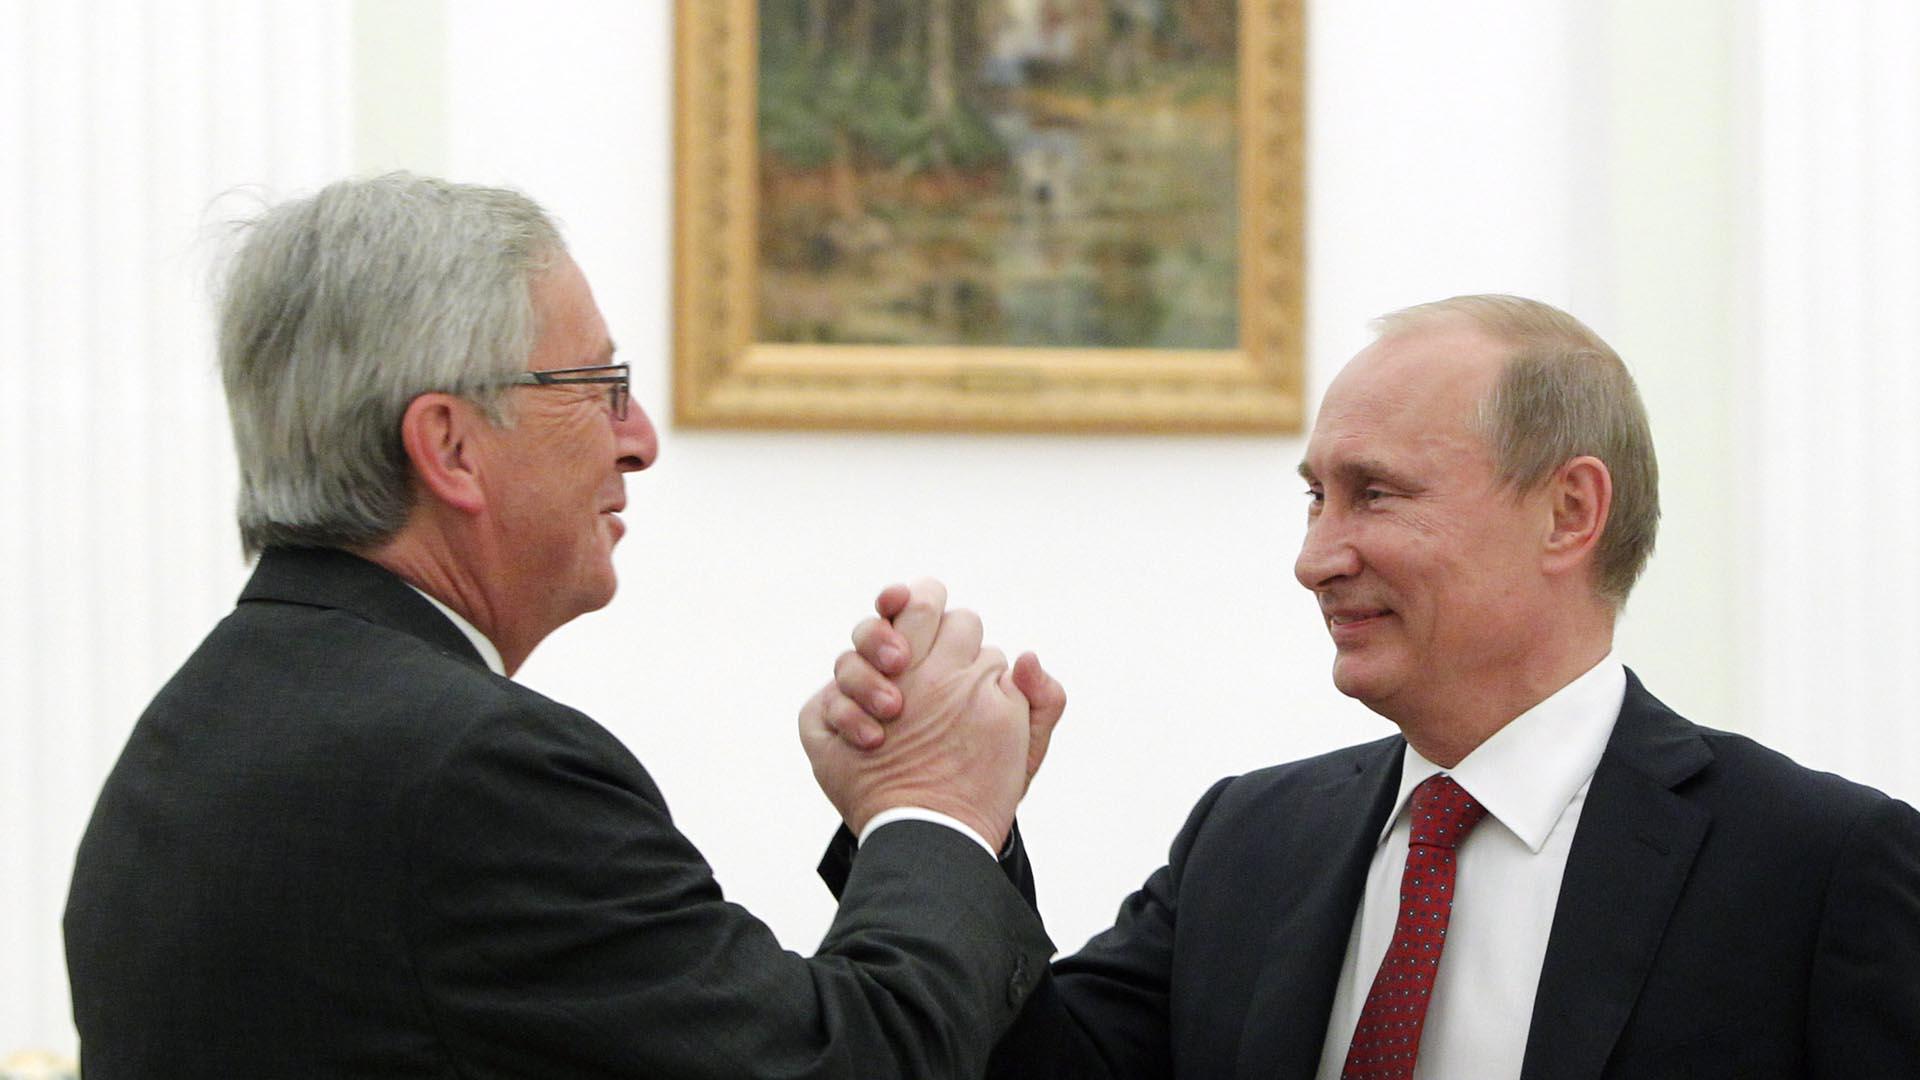 Diecinueve meses después de su ultima reunión, ambos políticos conversaran sobre las relaciones de la UE con Rusia